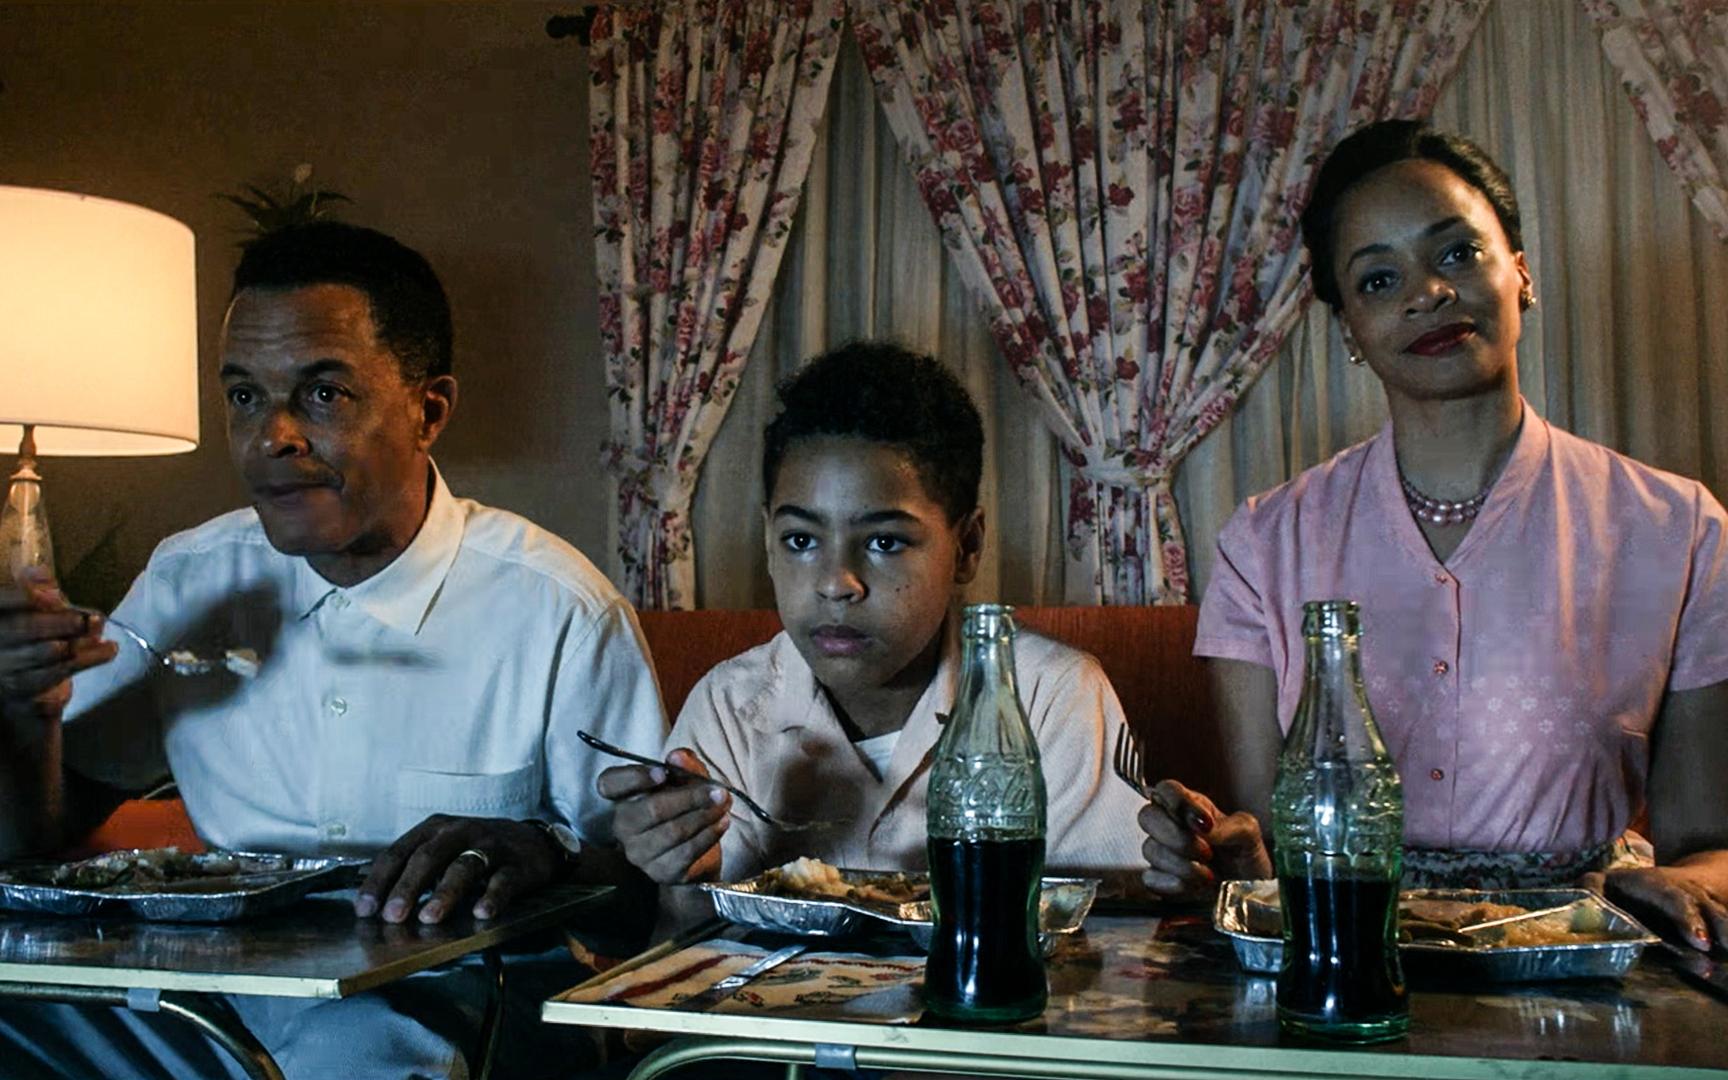 每一帧镜头都压抑无比,黑人在歧视中毁灭,悬疑惊悚剧《他们》